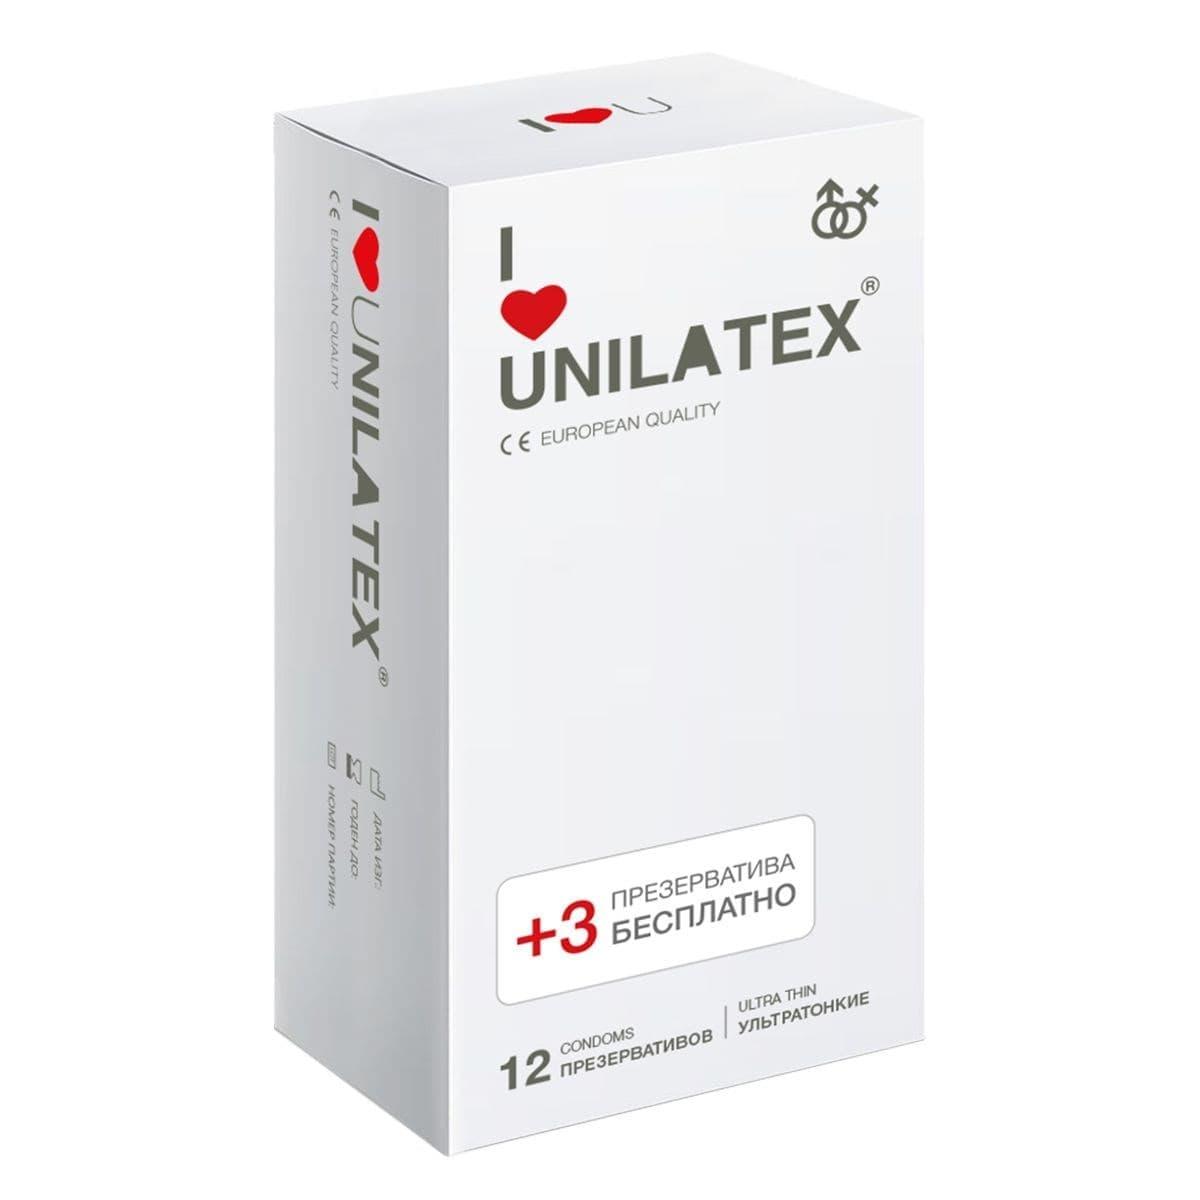 Презервативы Unilatex Ultra Thin - фото 11091